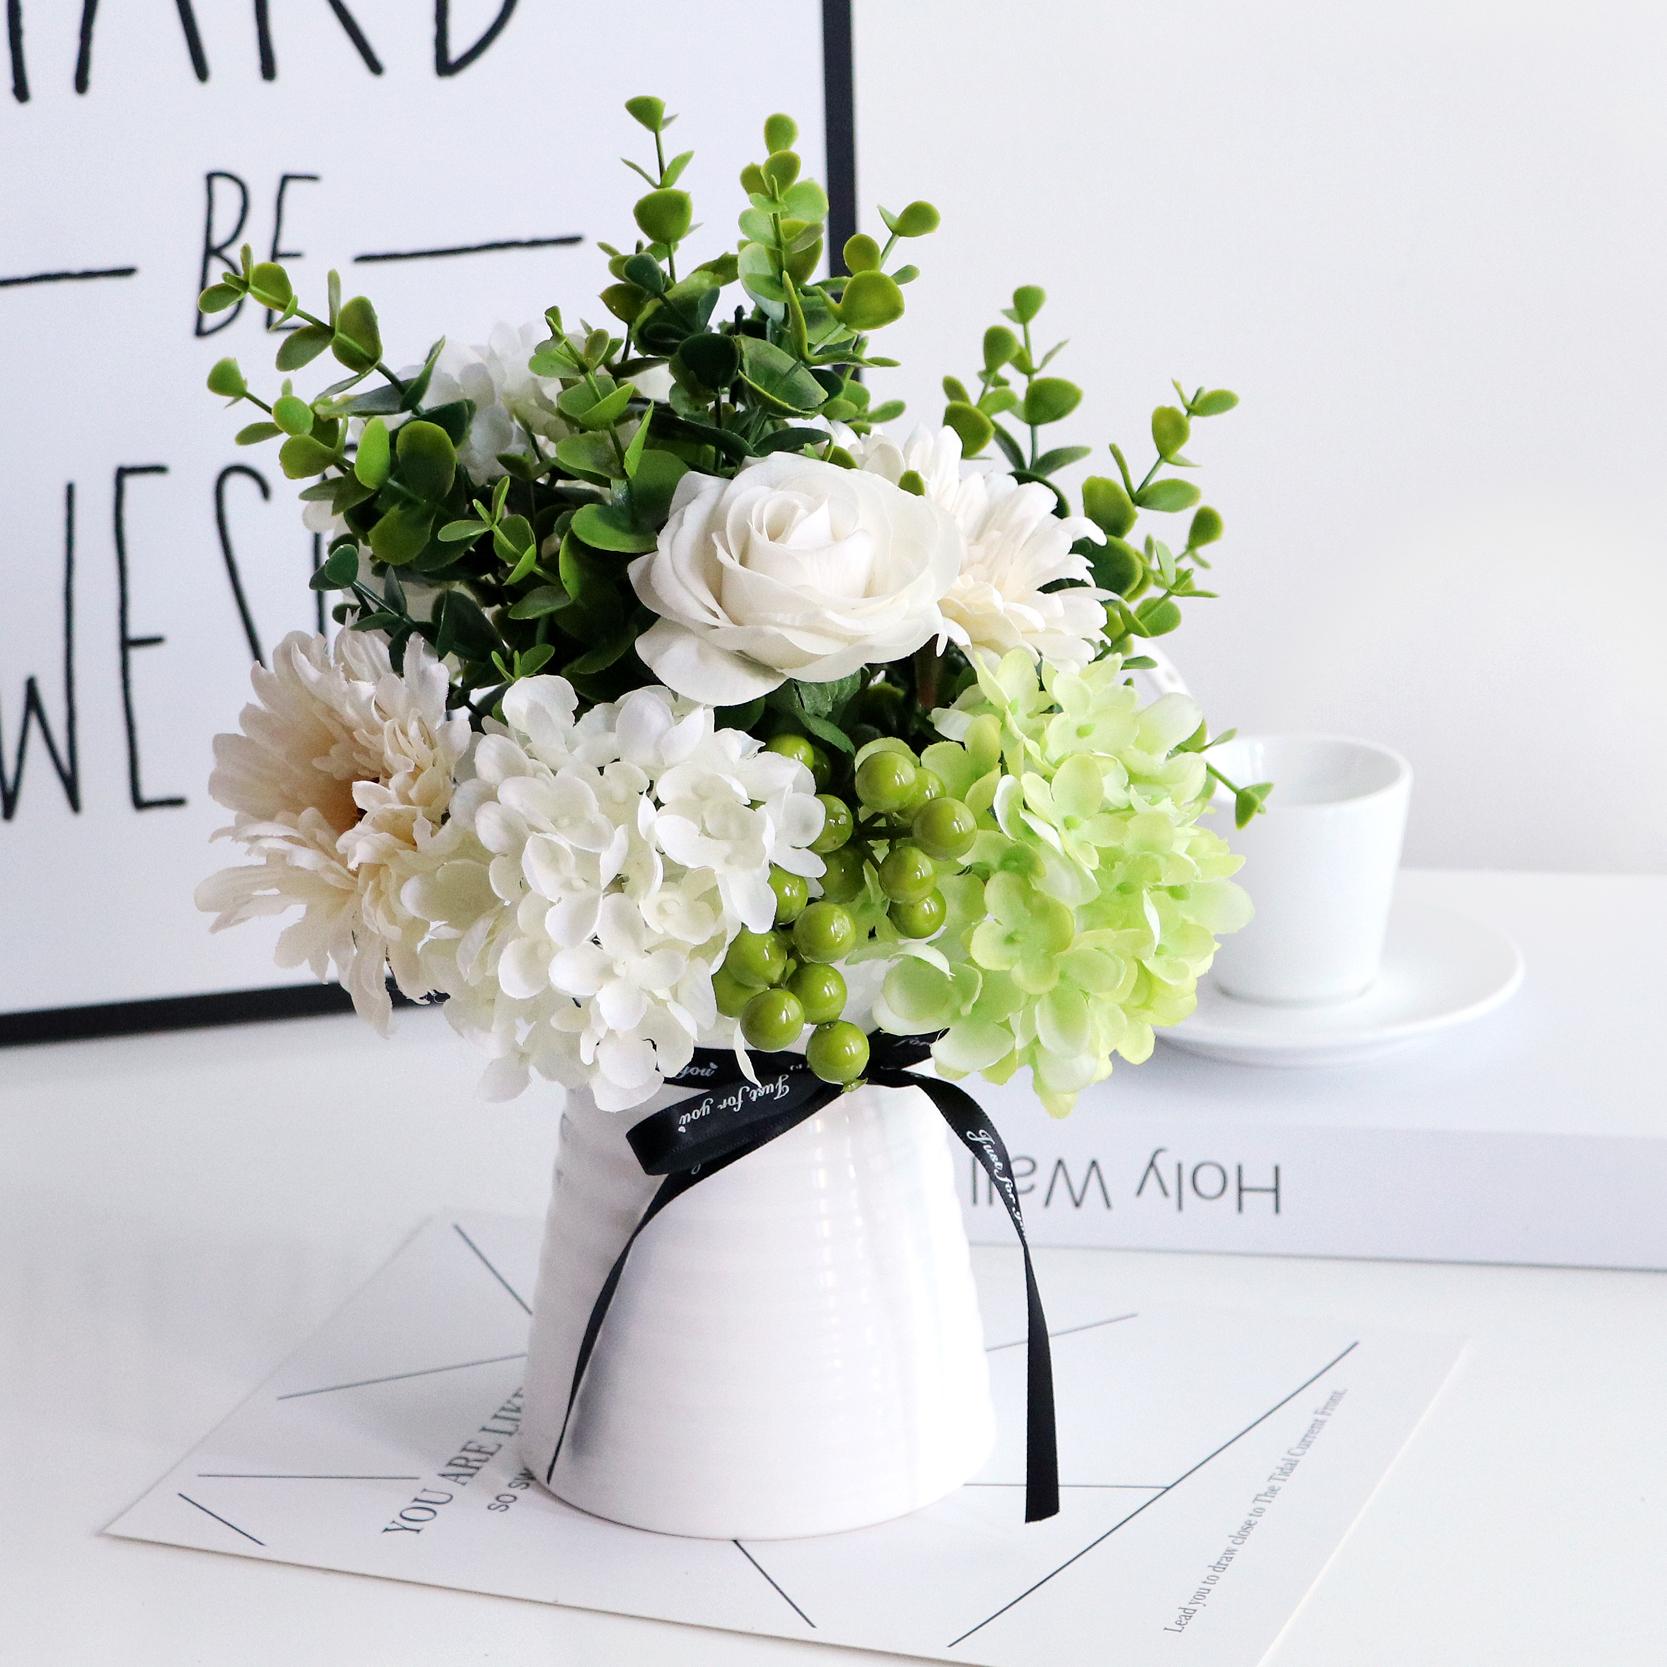 仿真假花束藝裝飾餐桌臥室玫瑰北歐小清新盆栽茶幾客廳家居擺設件